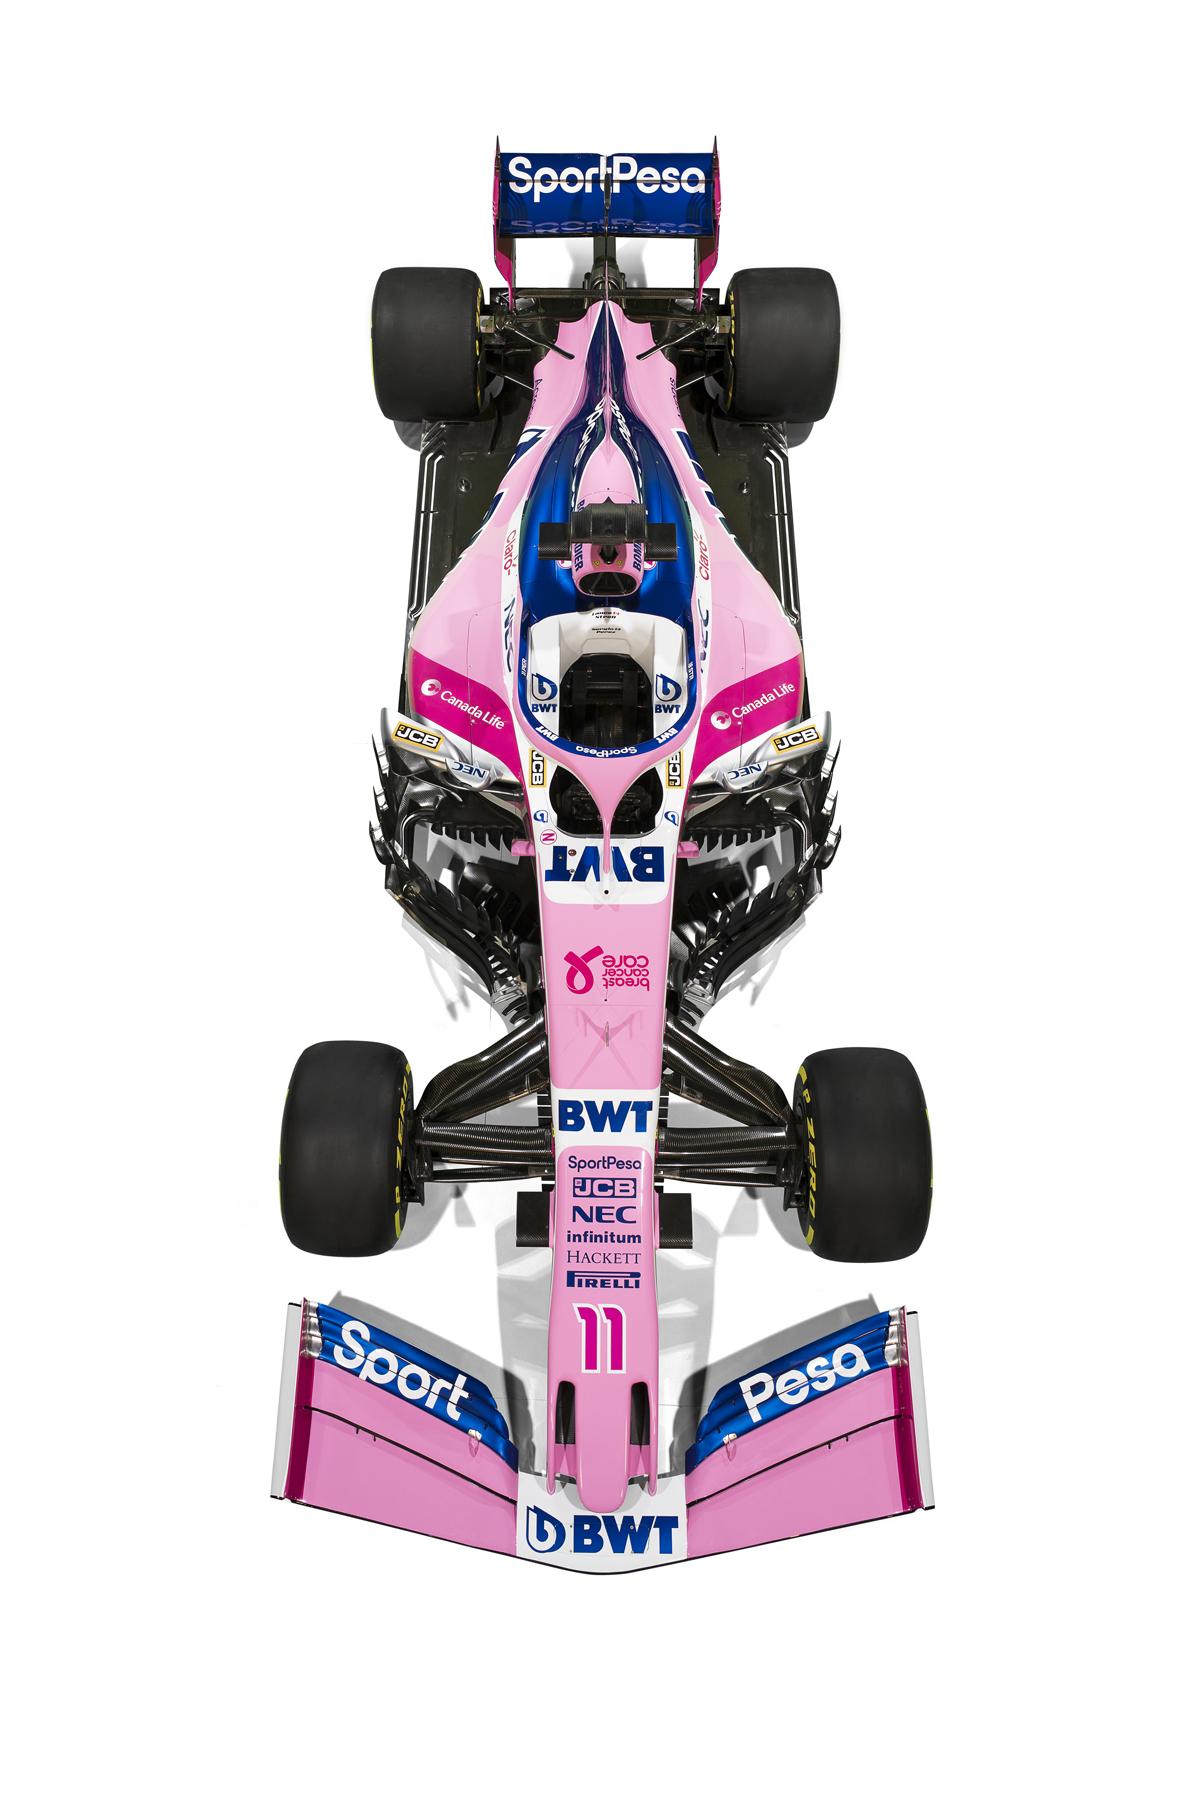 レーシングポイント 2019年F1マシン カラーリング (21)